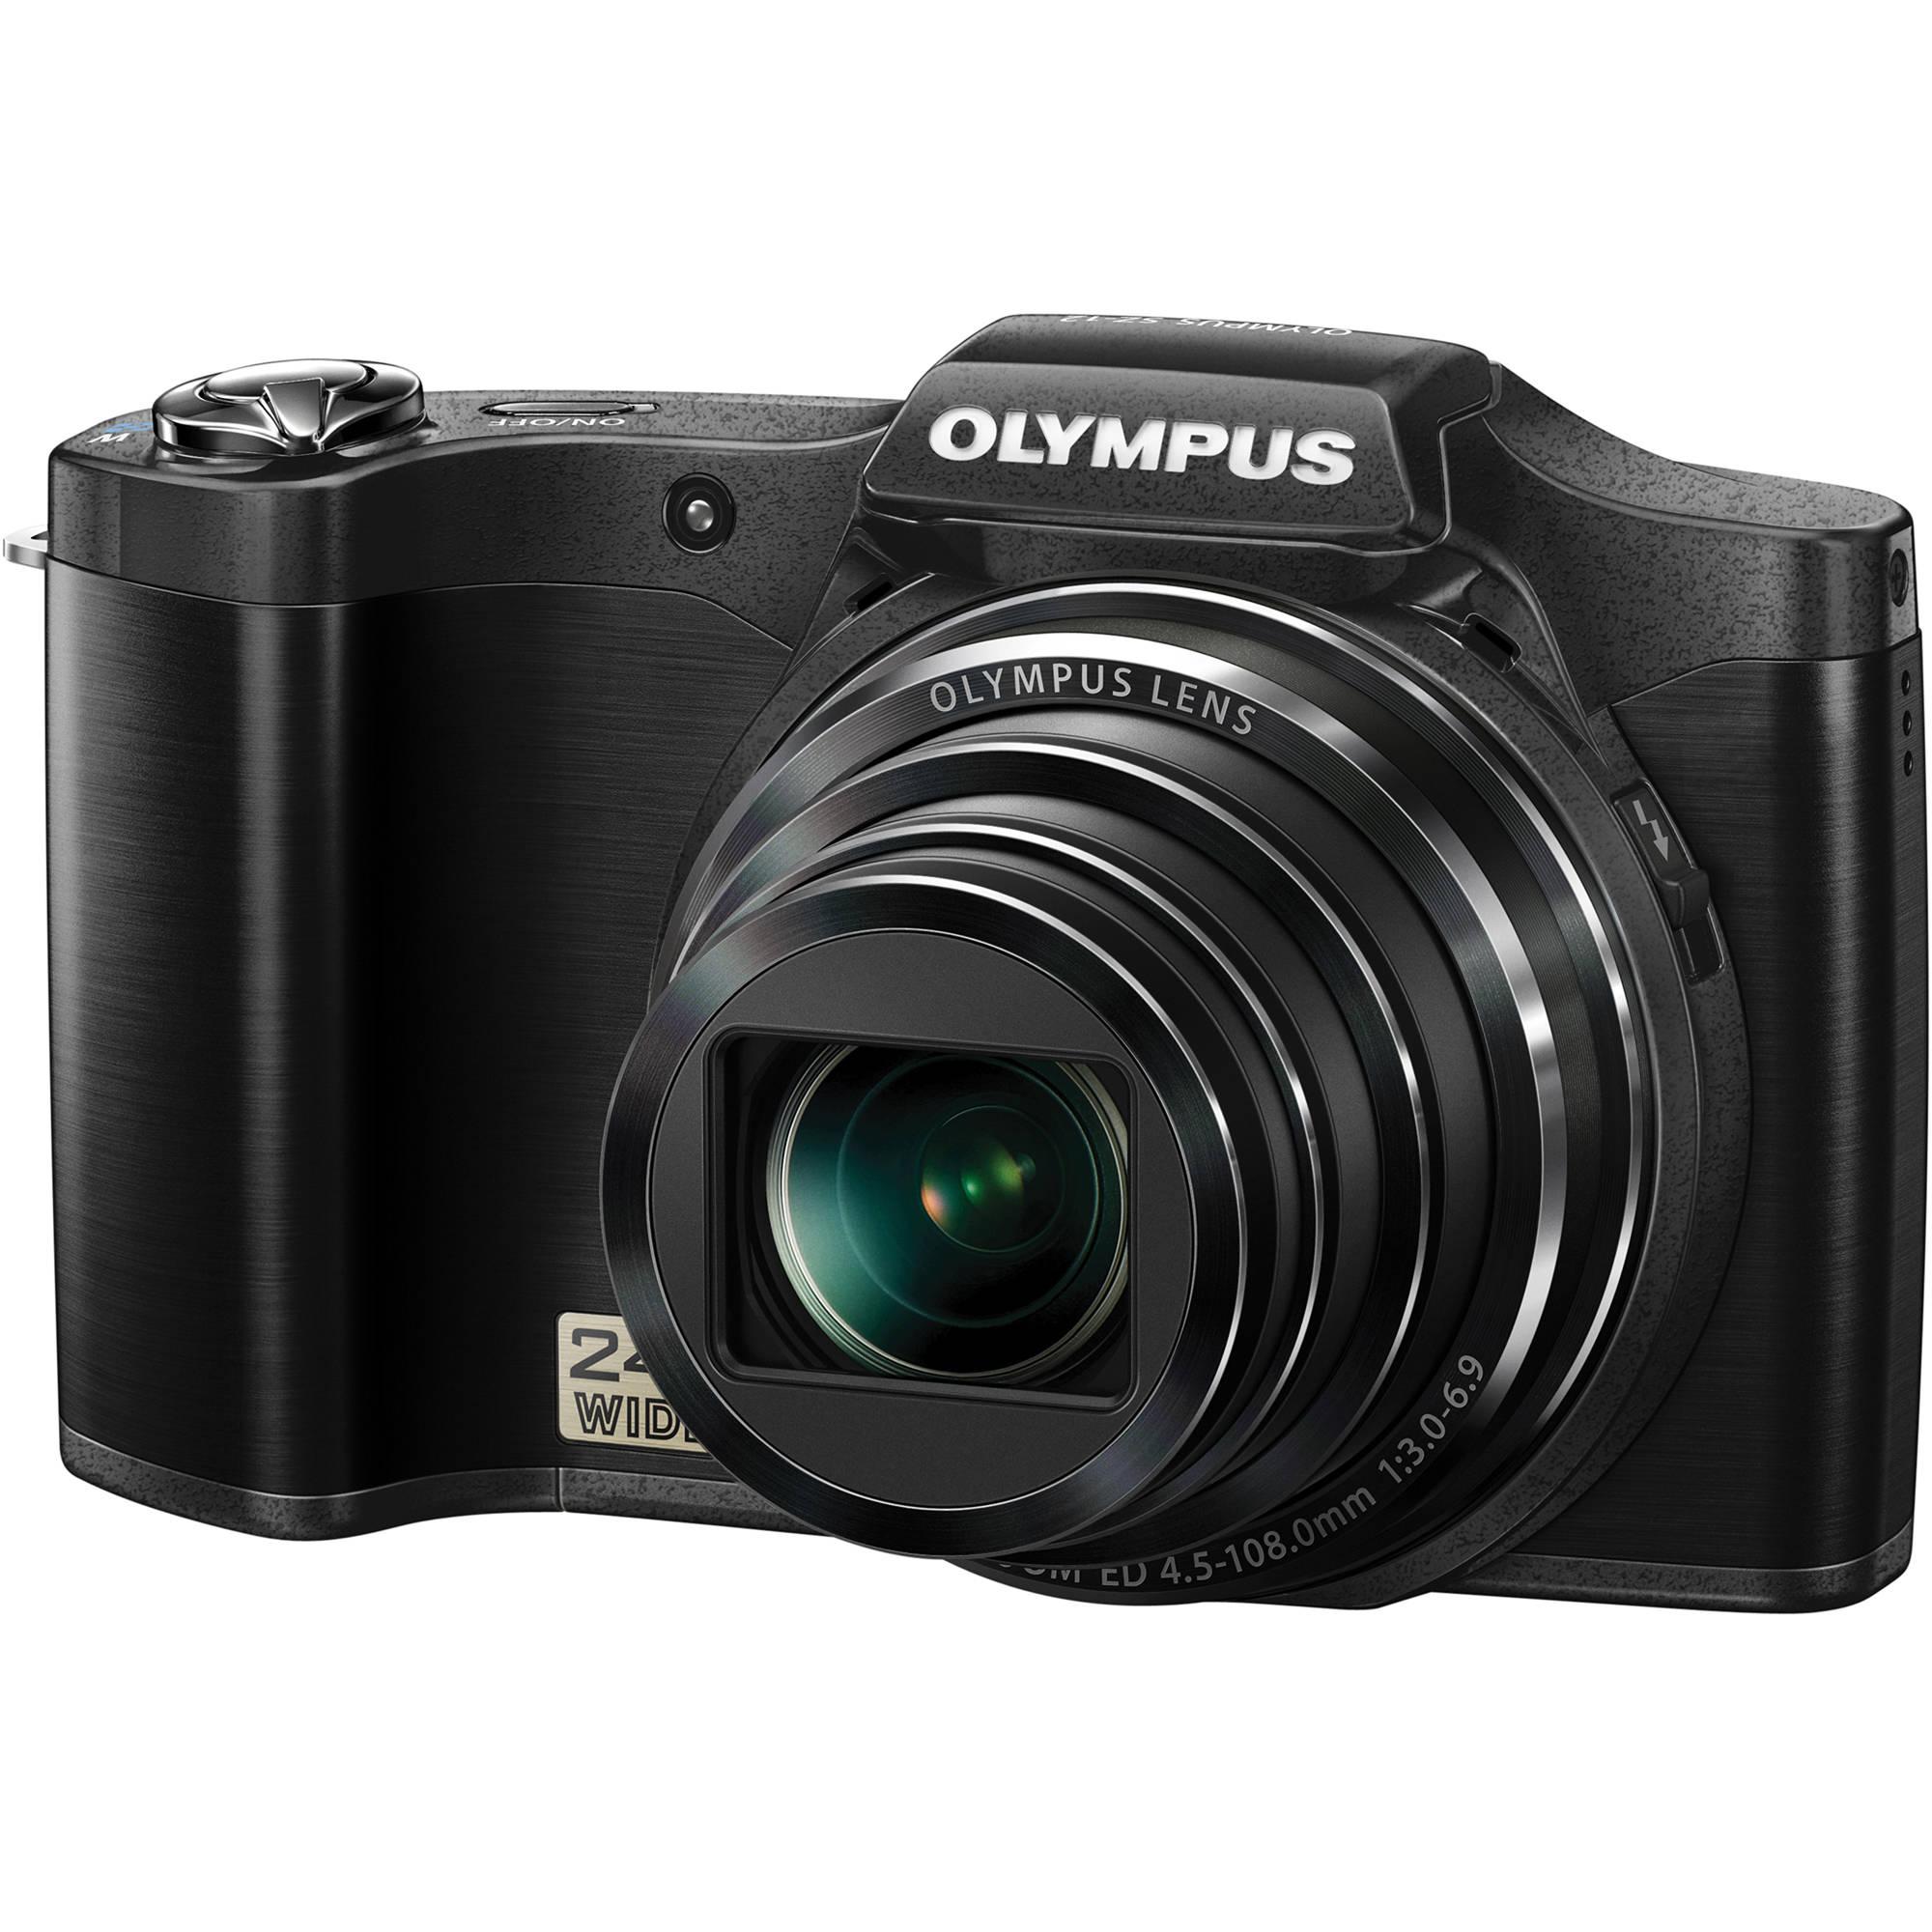 Olympus Digital Camera: Olympus SZ-12 Digital Camera (Black) V102081BU000 B&H Photo